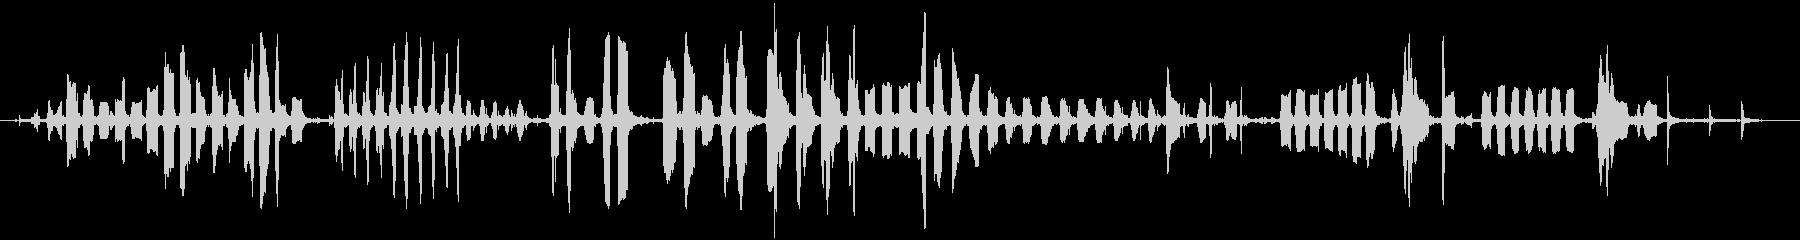 1880スリーバードケージボイスボ...の未再生の波形